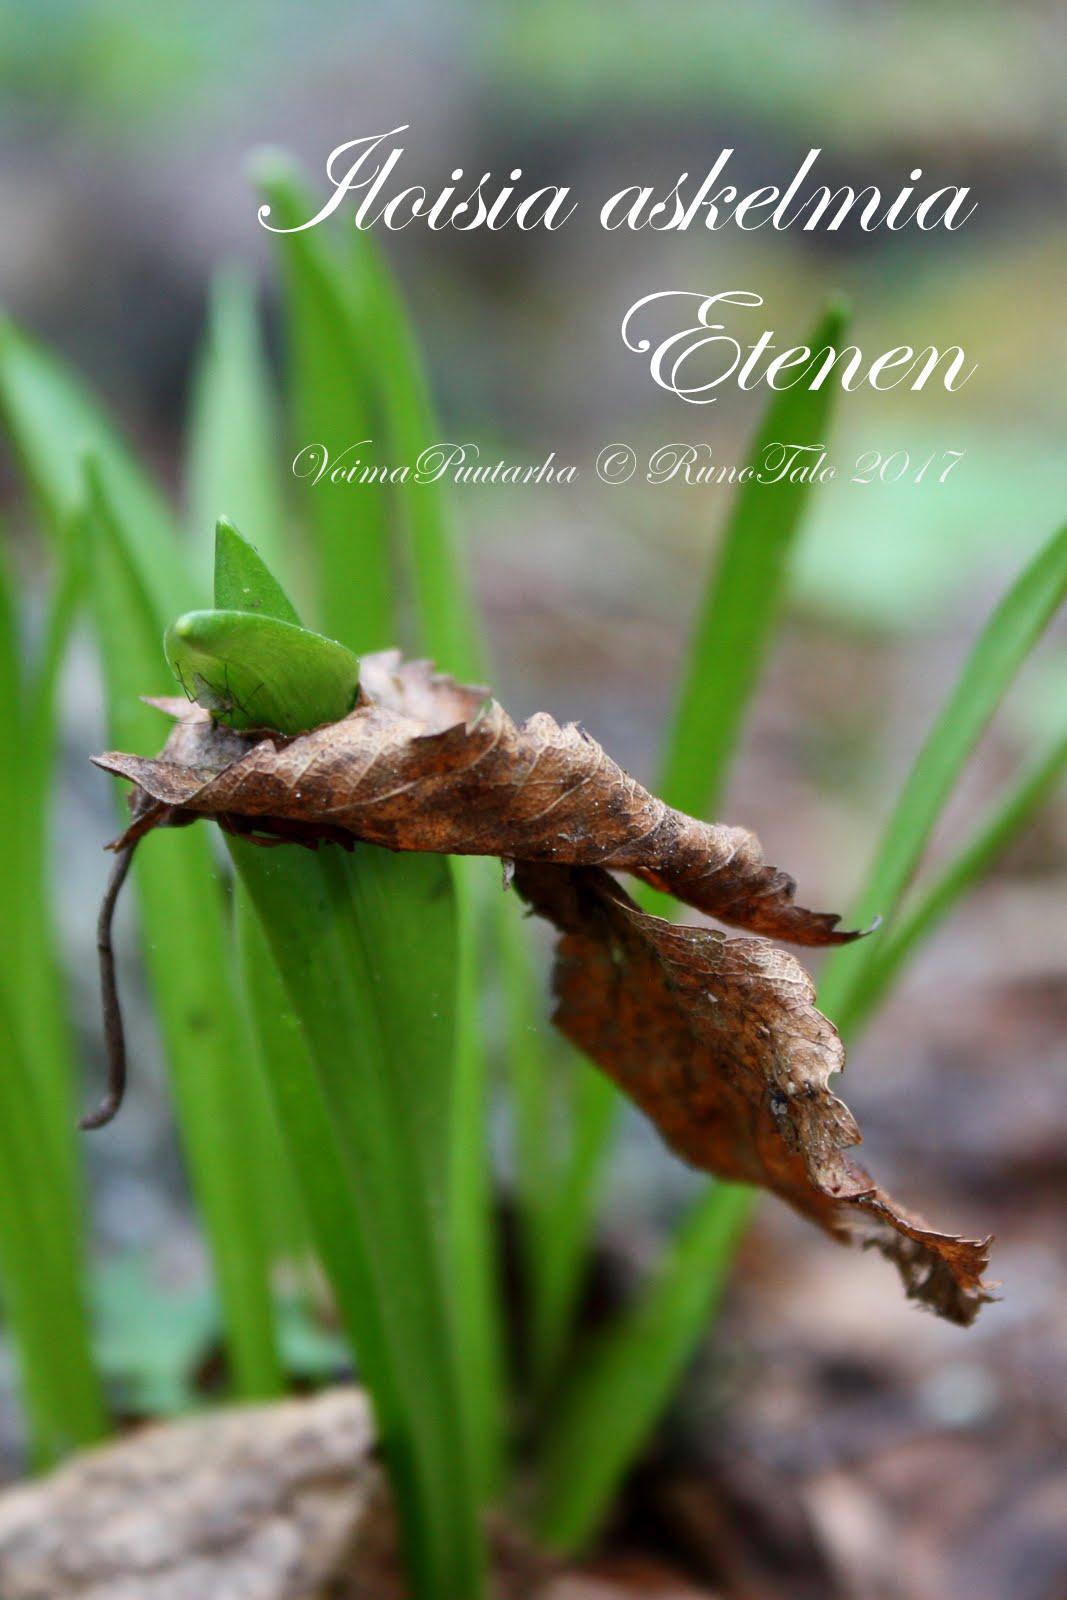 Iloisia askelmia Etenen - Runotalon voimakortti - idänsinililja